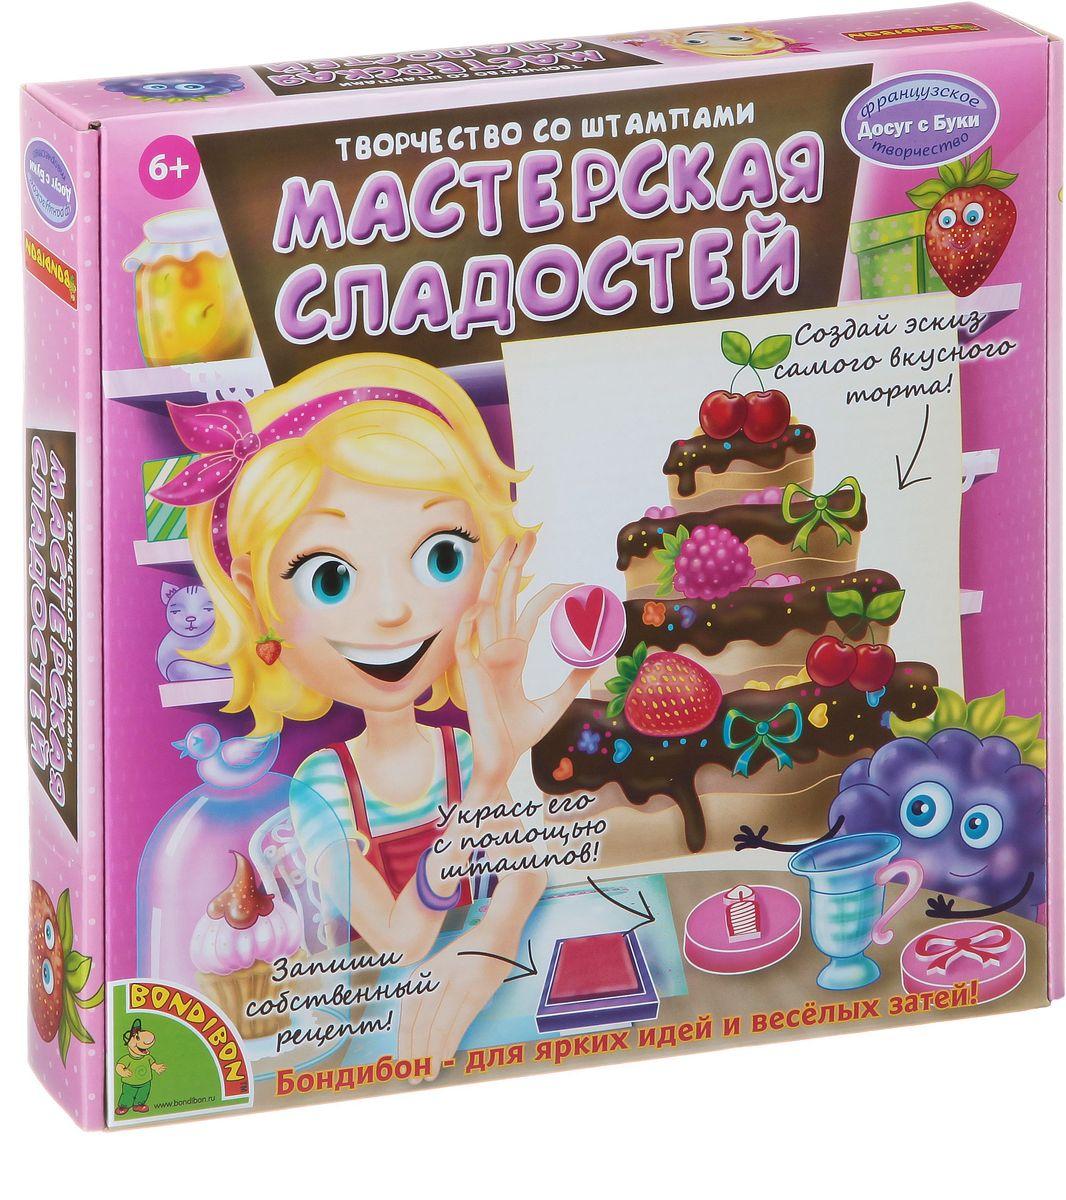 Bondibon Творчество со штампами Мастерская сладостейВВ1331Набор творчества со штампами Мастерская сладостей – это замечательная игра для настоящих кулинаров! В наборе ты найдешь все необходимое, чтобы почувствовать себя профессионалом своего дела, и создать сладкий и красивый торт мечты. В наборе есть заготовки с предполагаемыми вариантами торта – формой, количества ярусов и состава. Создай уникальный торт, который еще никто не готовил до тебя! Используя штампы, ты украсишь свой торт ягодами, фруктами и сладостями. На специальных игровых полях есть место для записи рецепта, и ты сможешь даже создать свою собственную кулинарную книгу! Изобретай, готовь, делись рецептами с подругами! А вместе с мамой ты можешь попробовать испечь настоящий торт по придуманному рецепту!